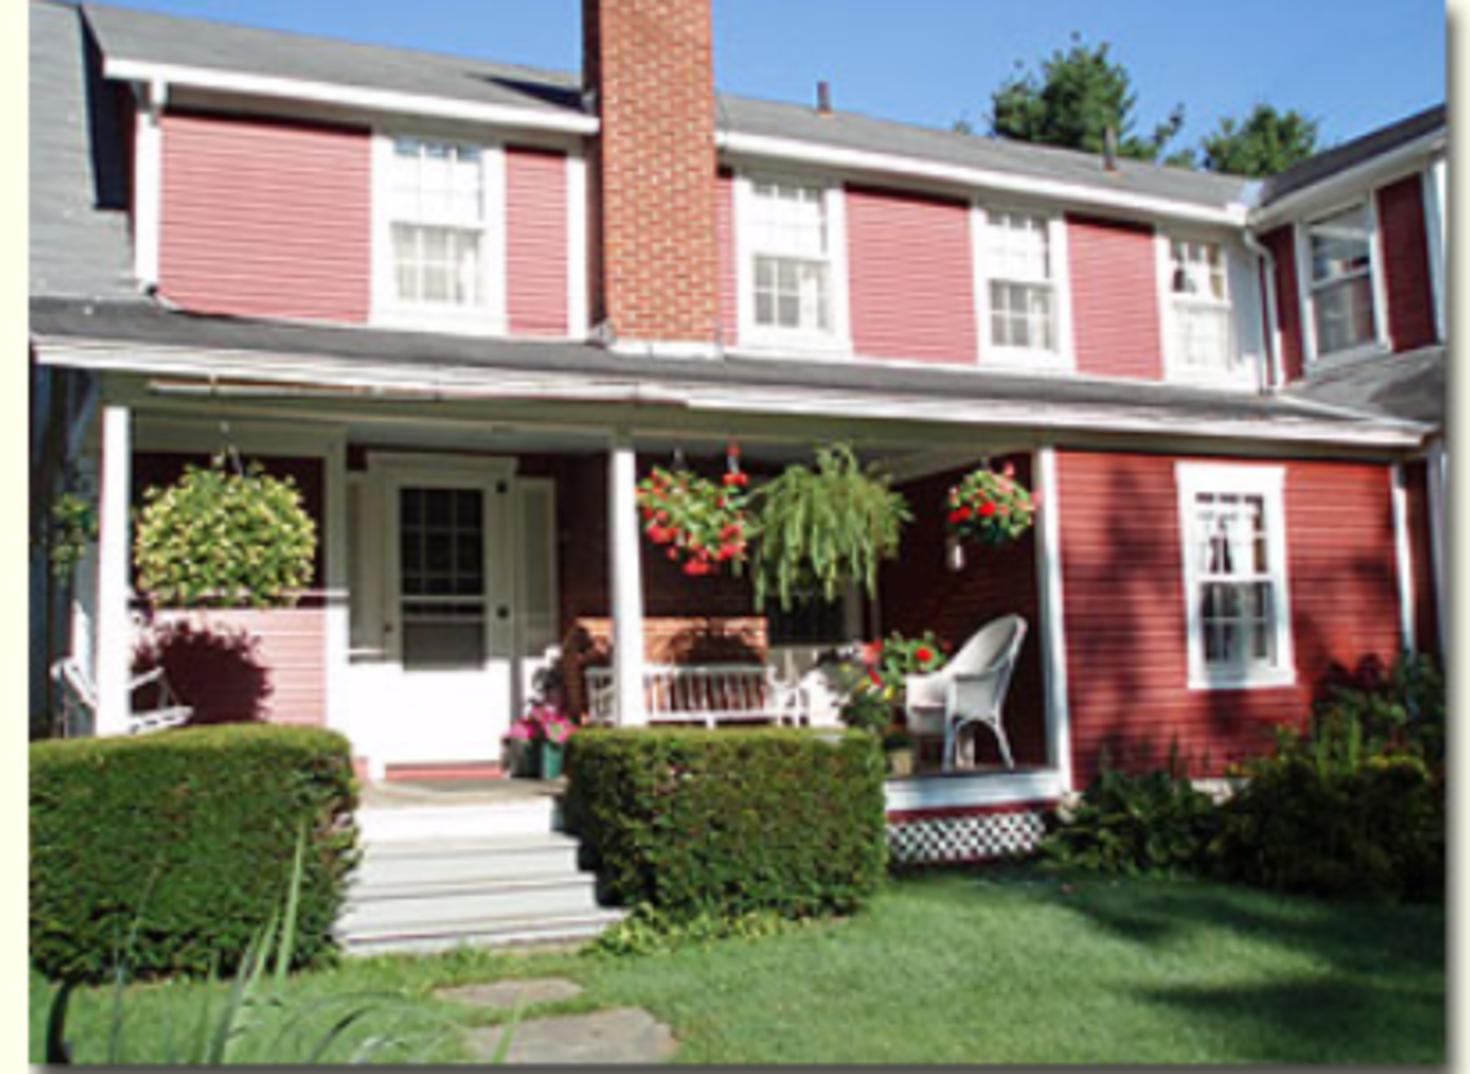 A brick building at Mountain View Inn.